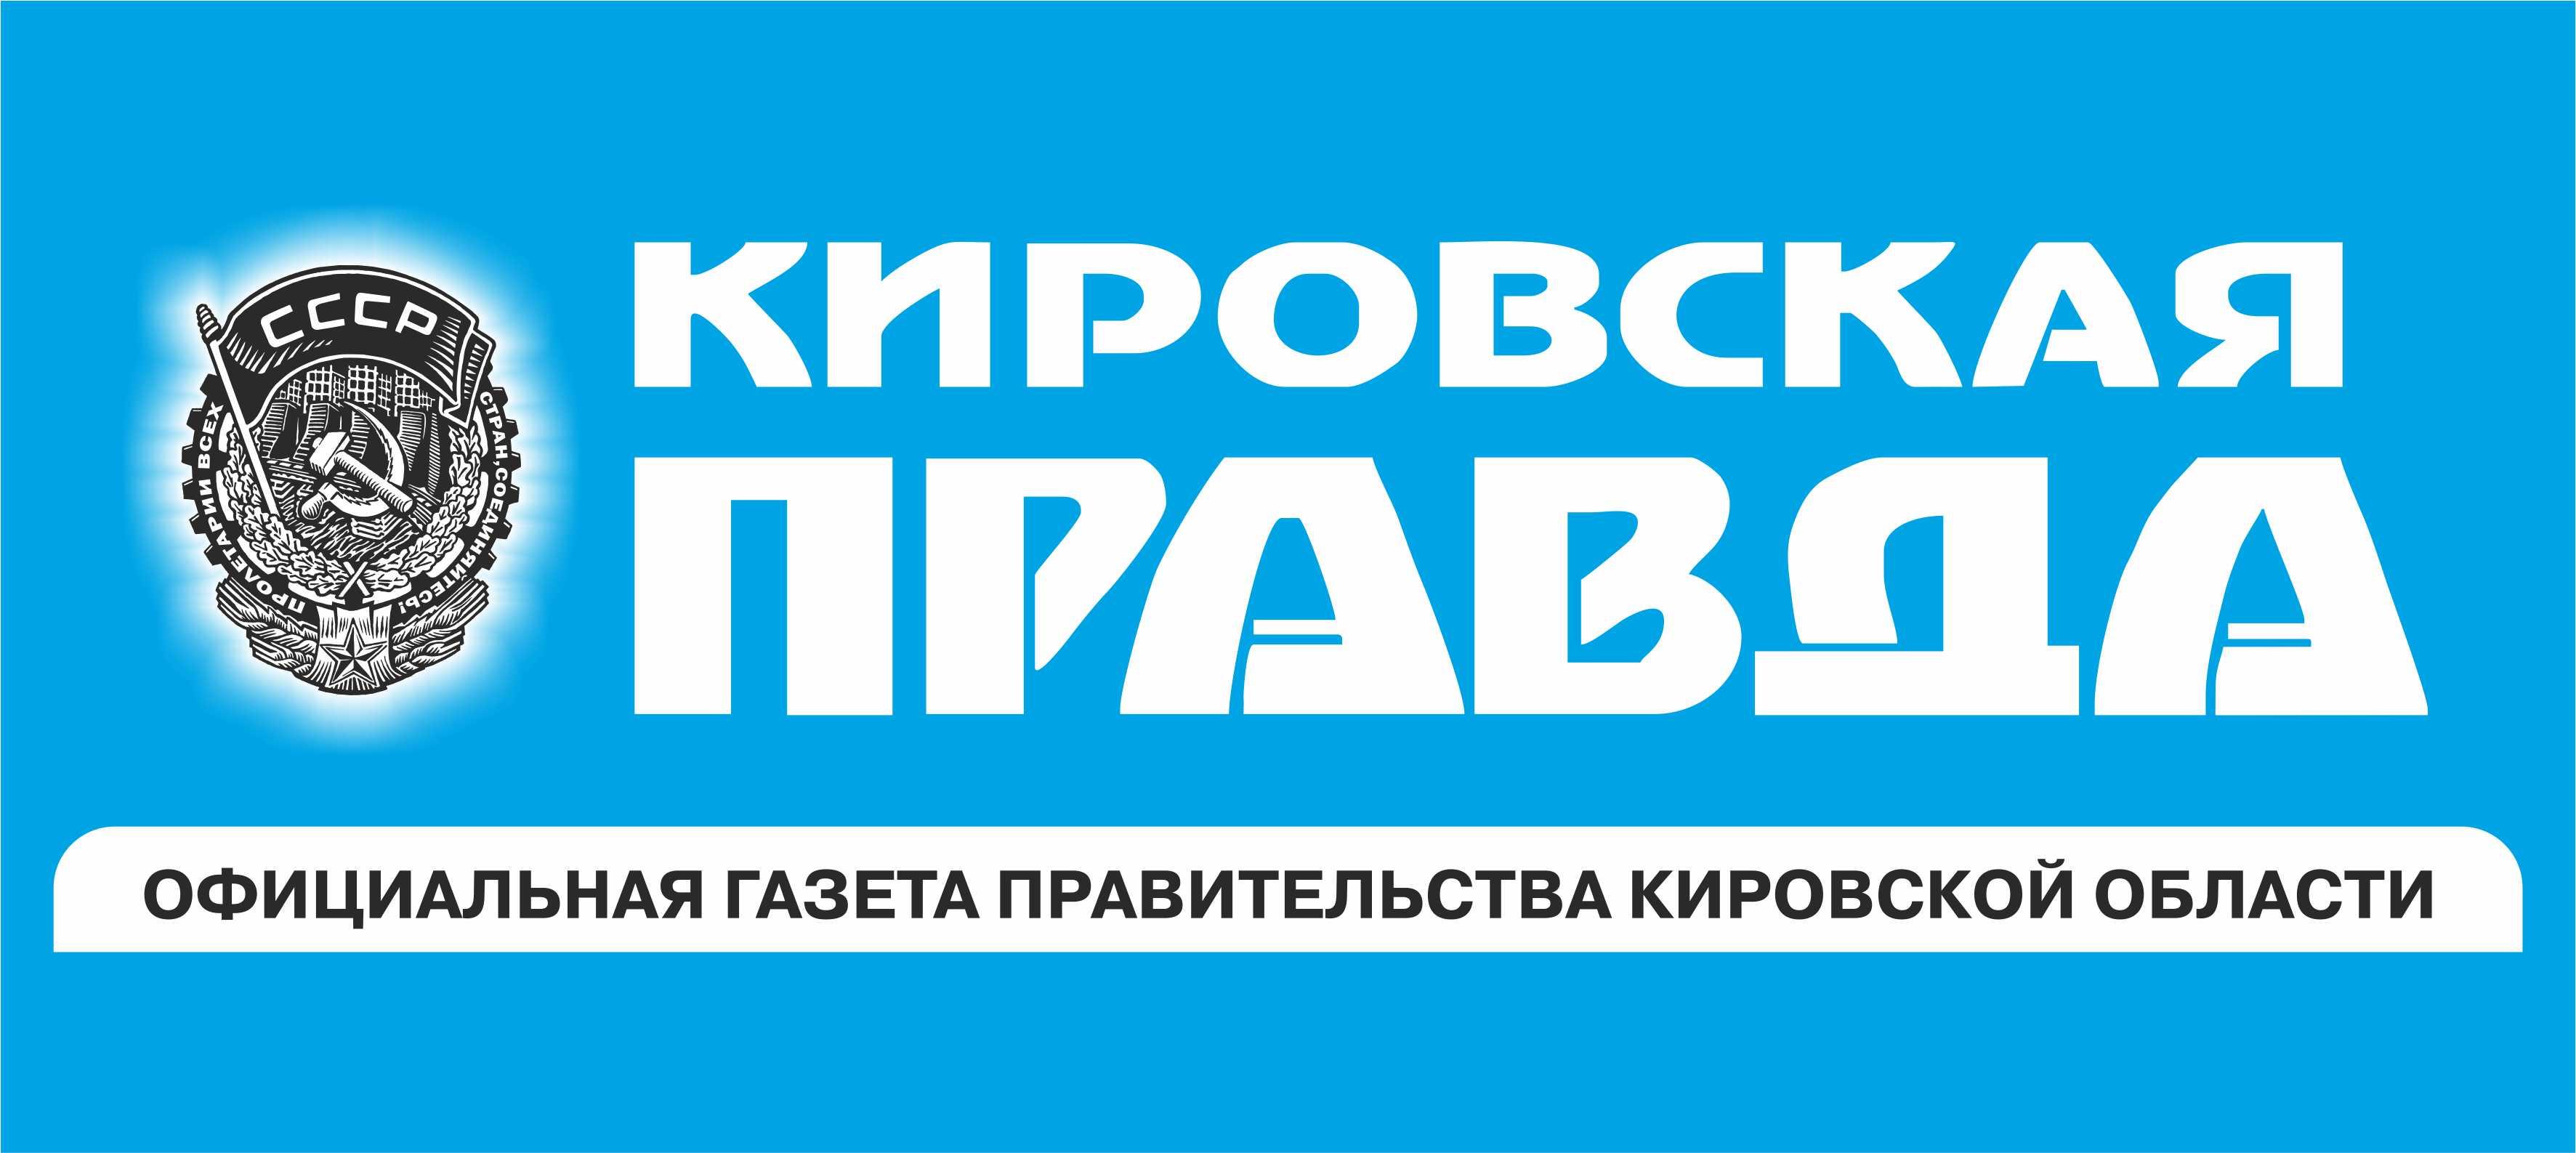 Кировская правда банер